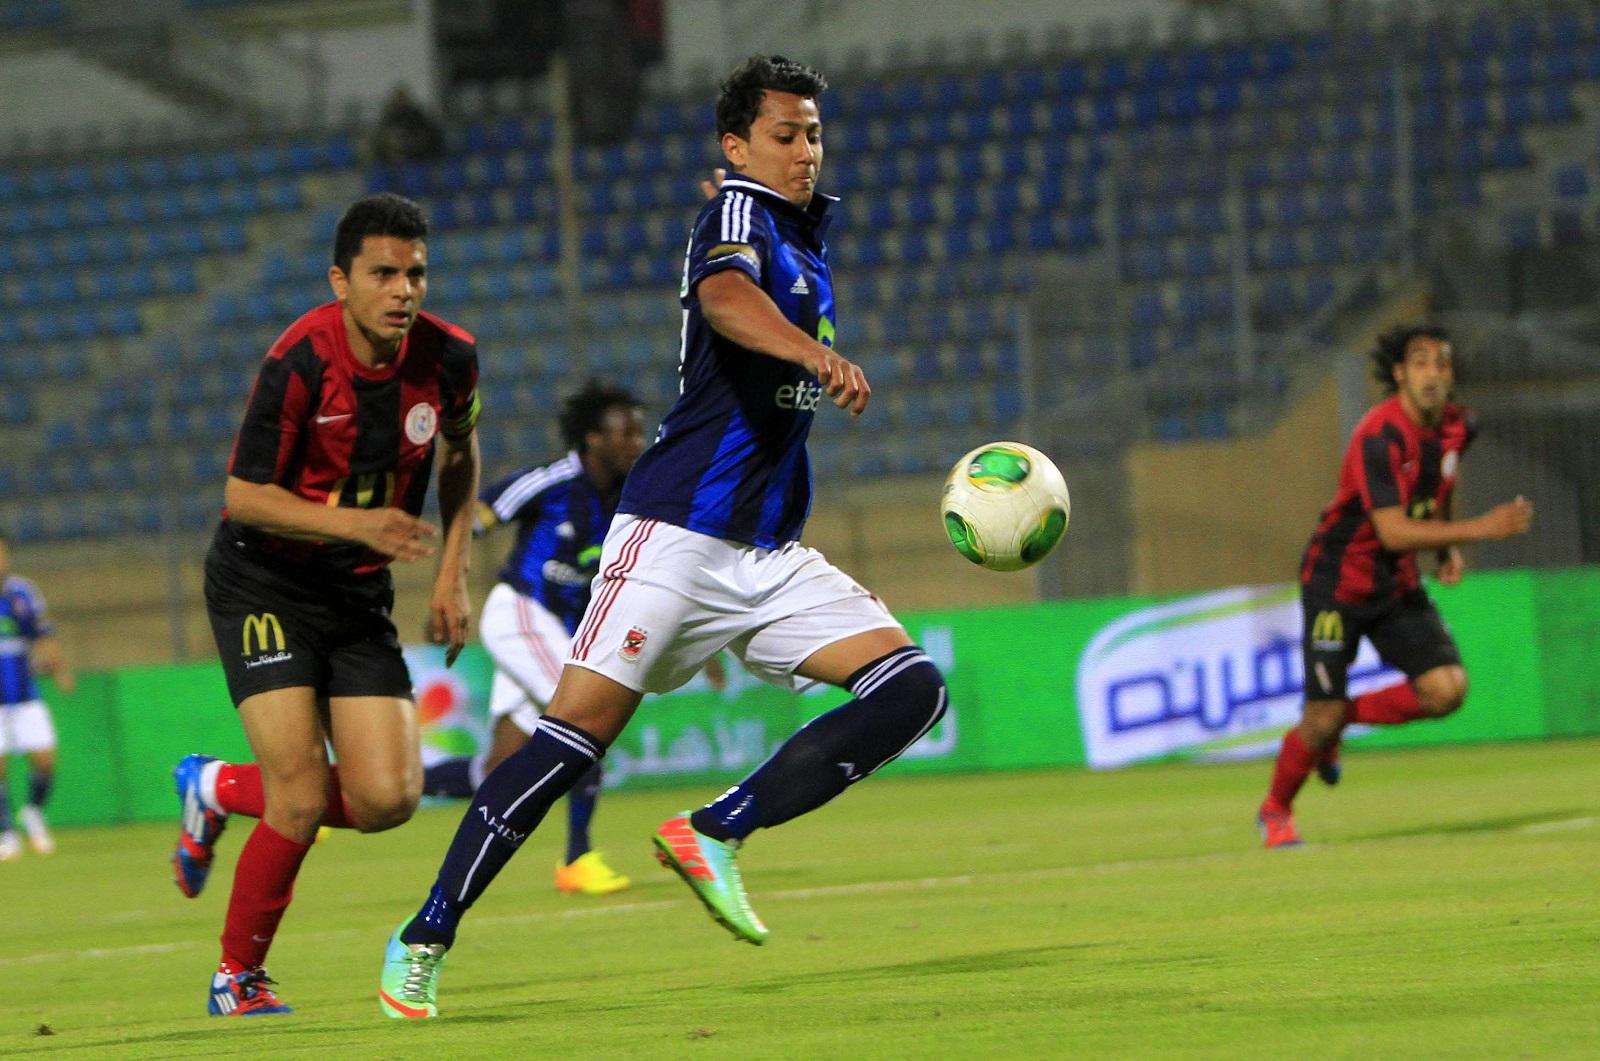 جانب من مباراة سابقة بين الأهلي والداخلية في الدوري المصري